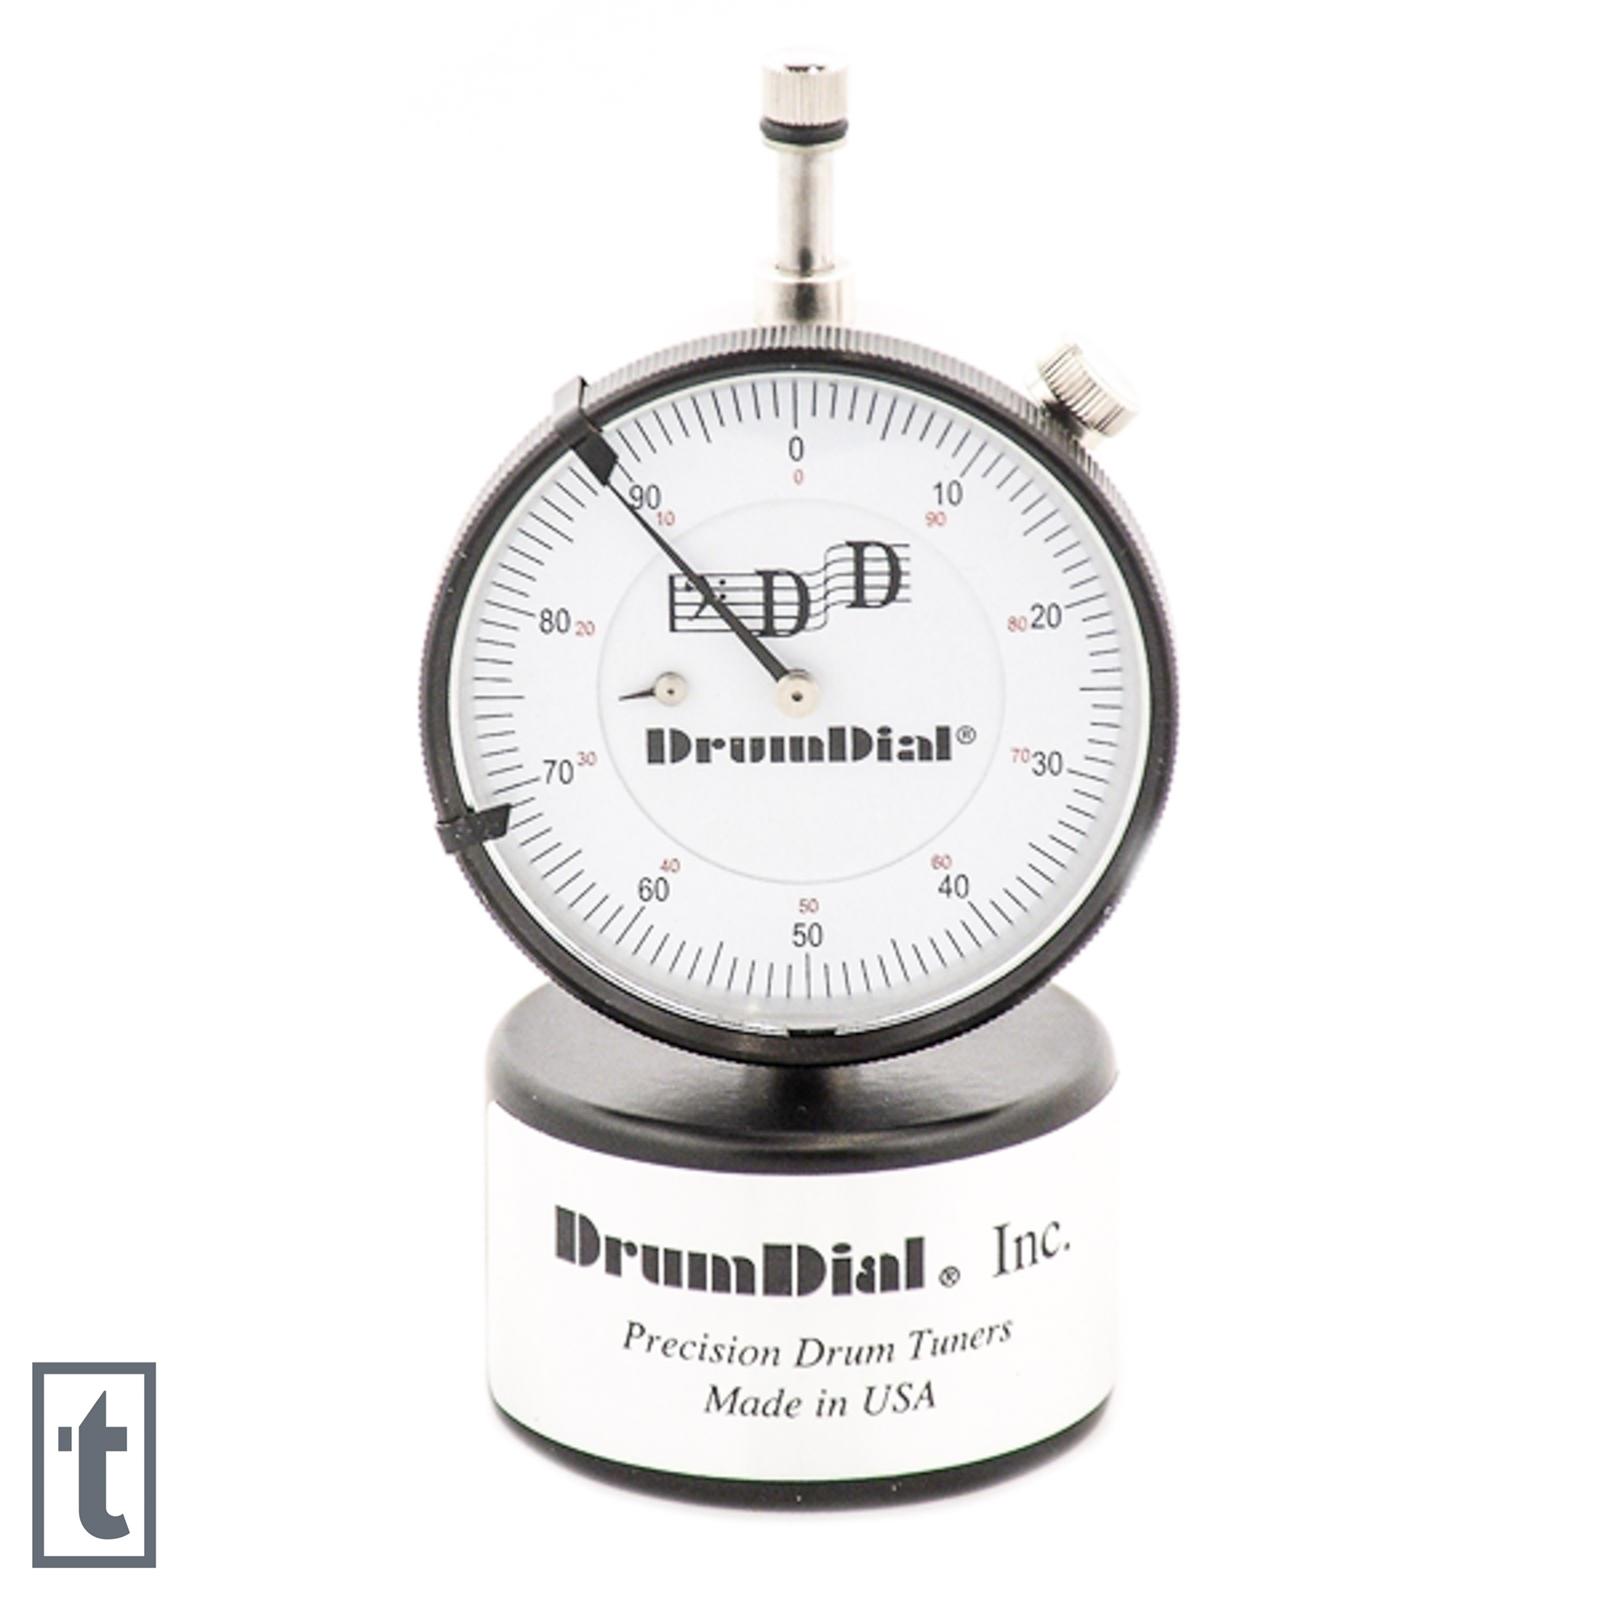 DrumDial Drumdial Precision Drum Tuner